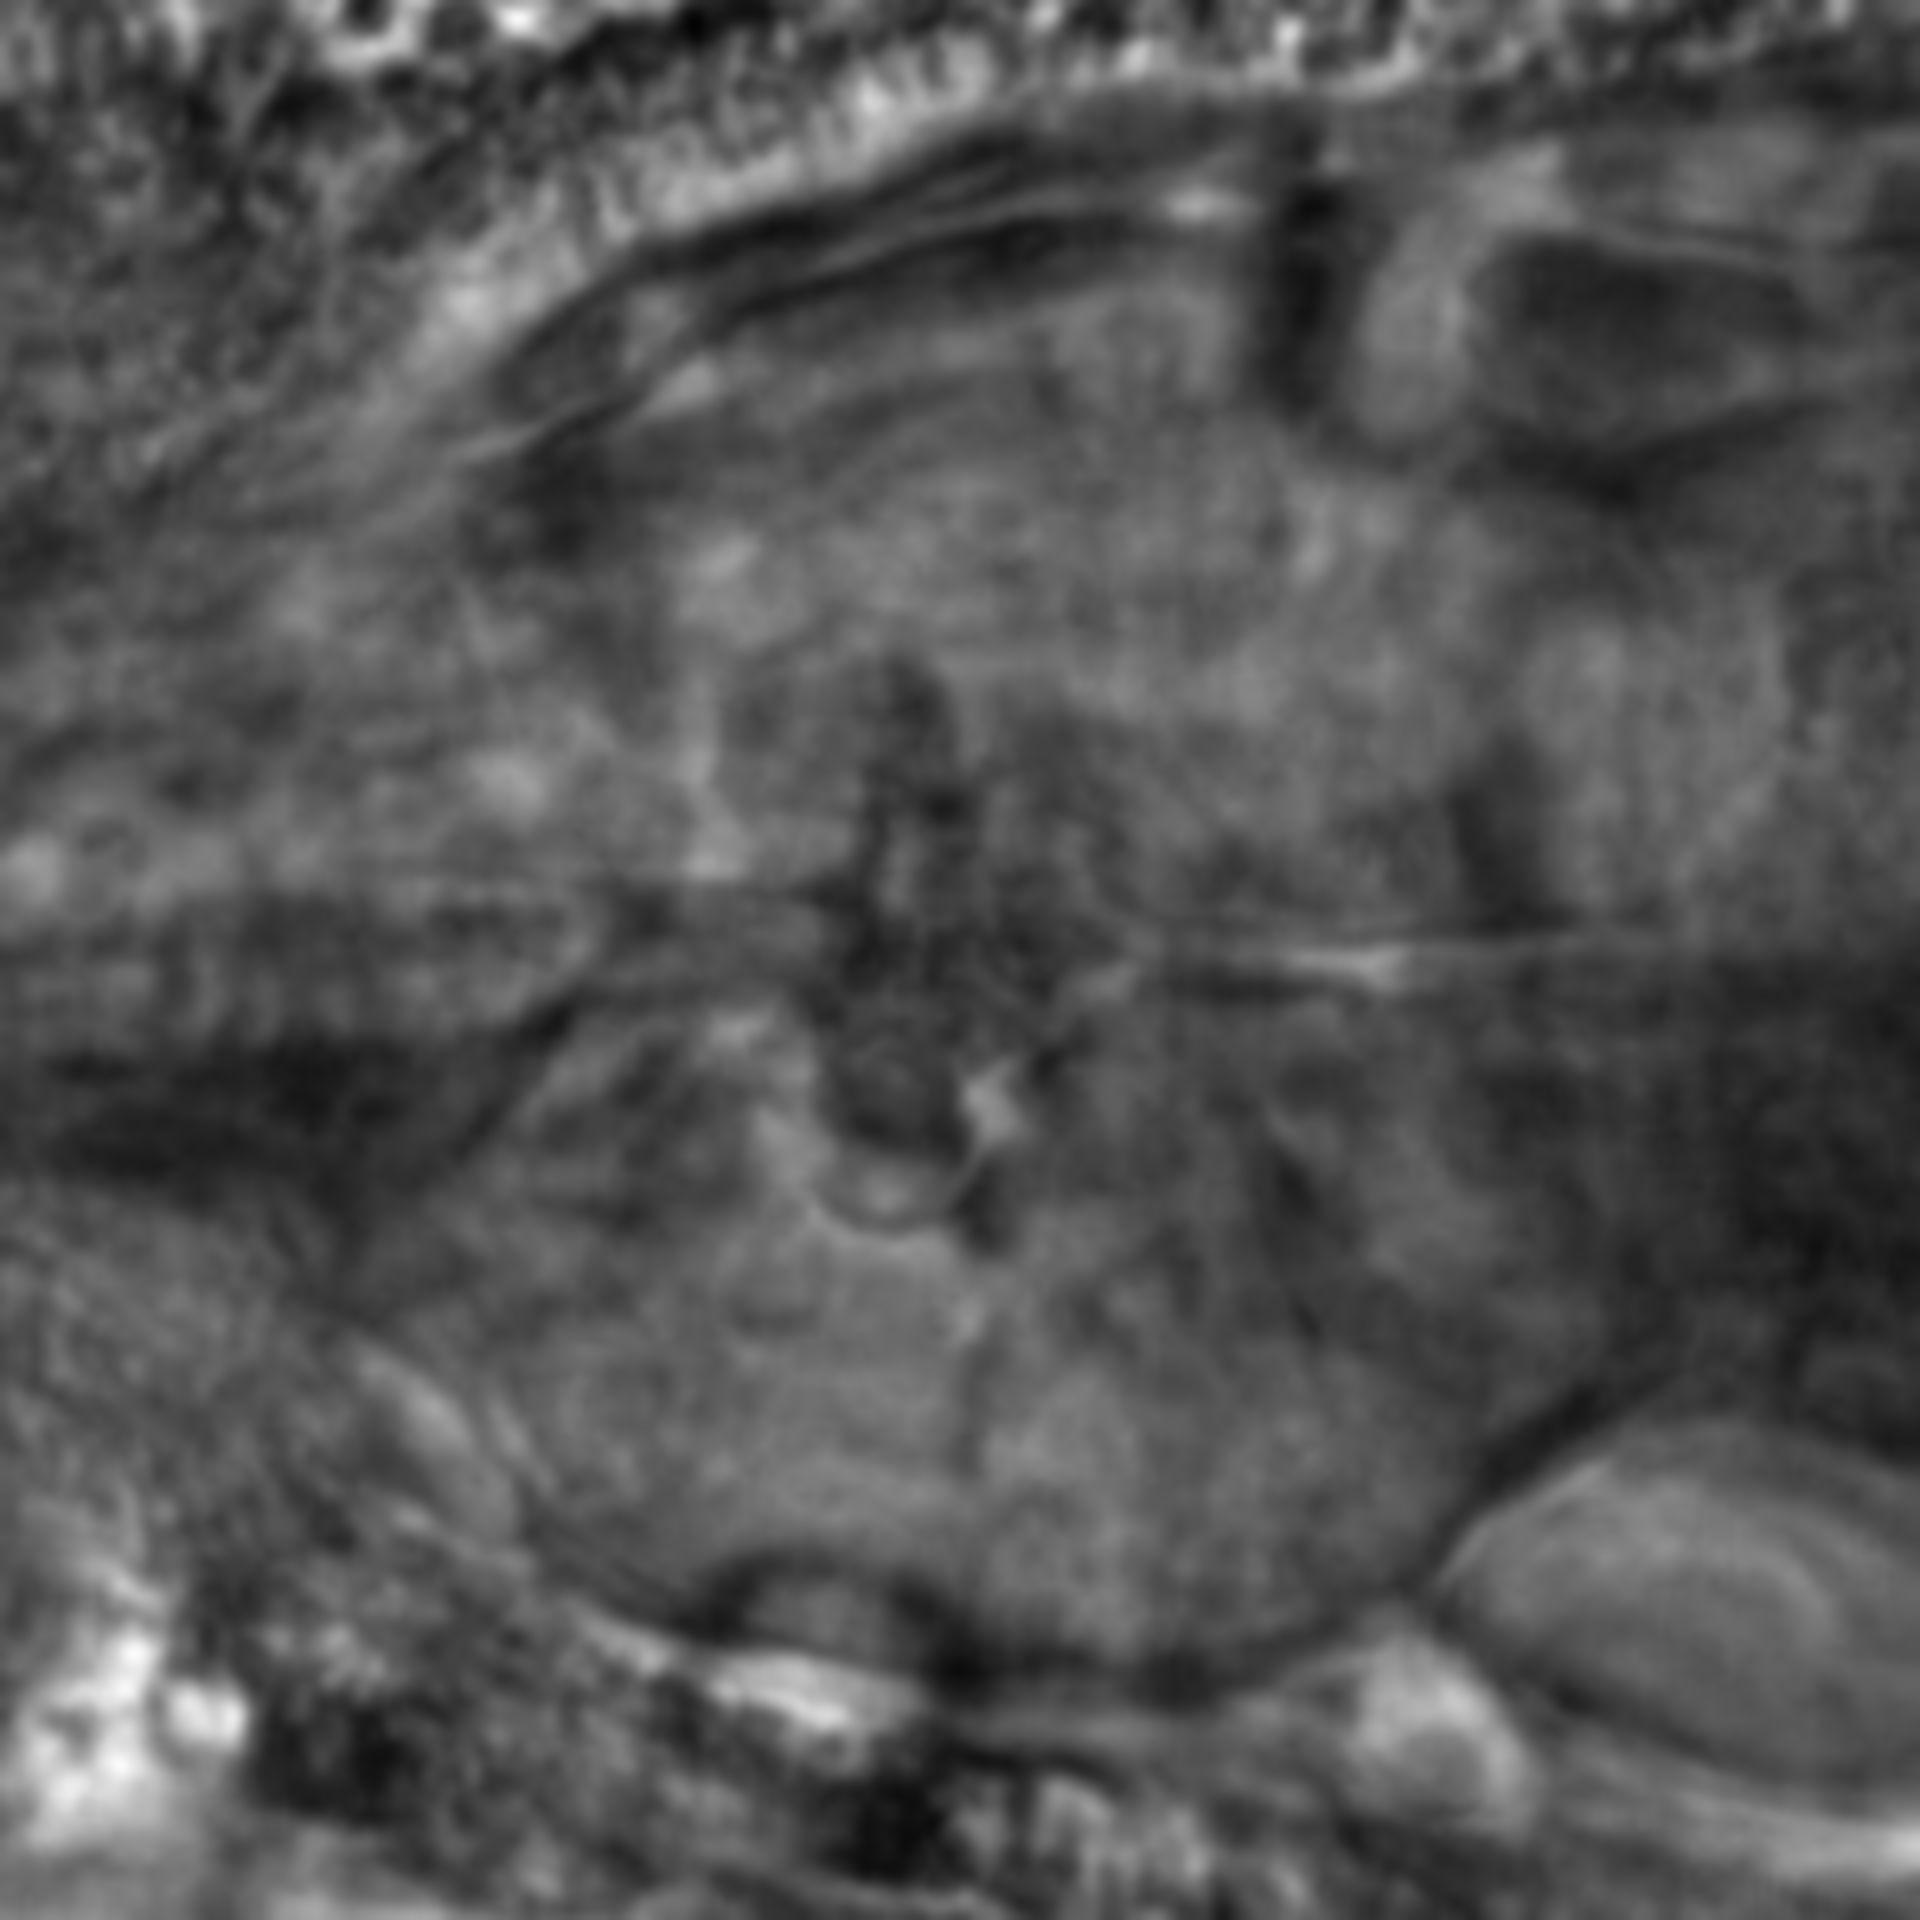 Caenorhabditis elegans - CIL:2219